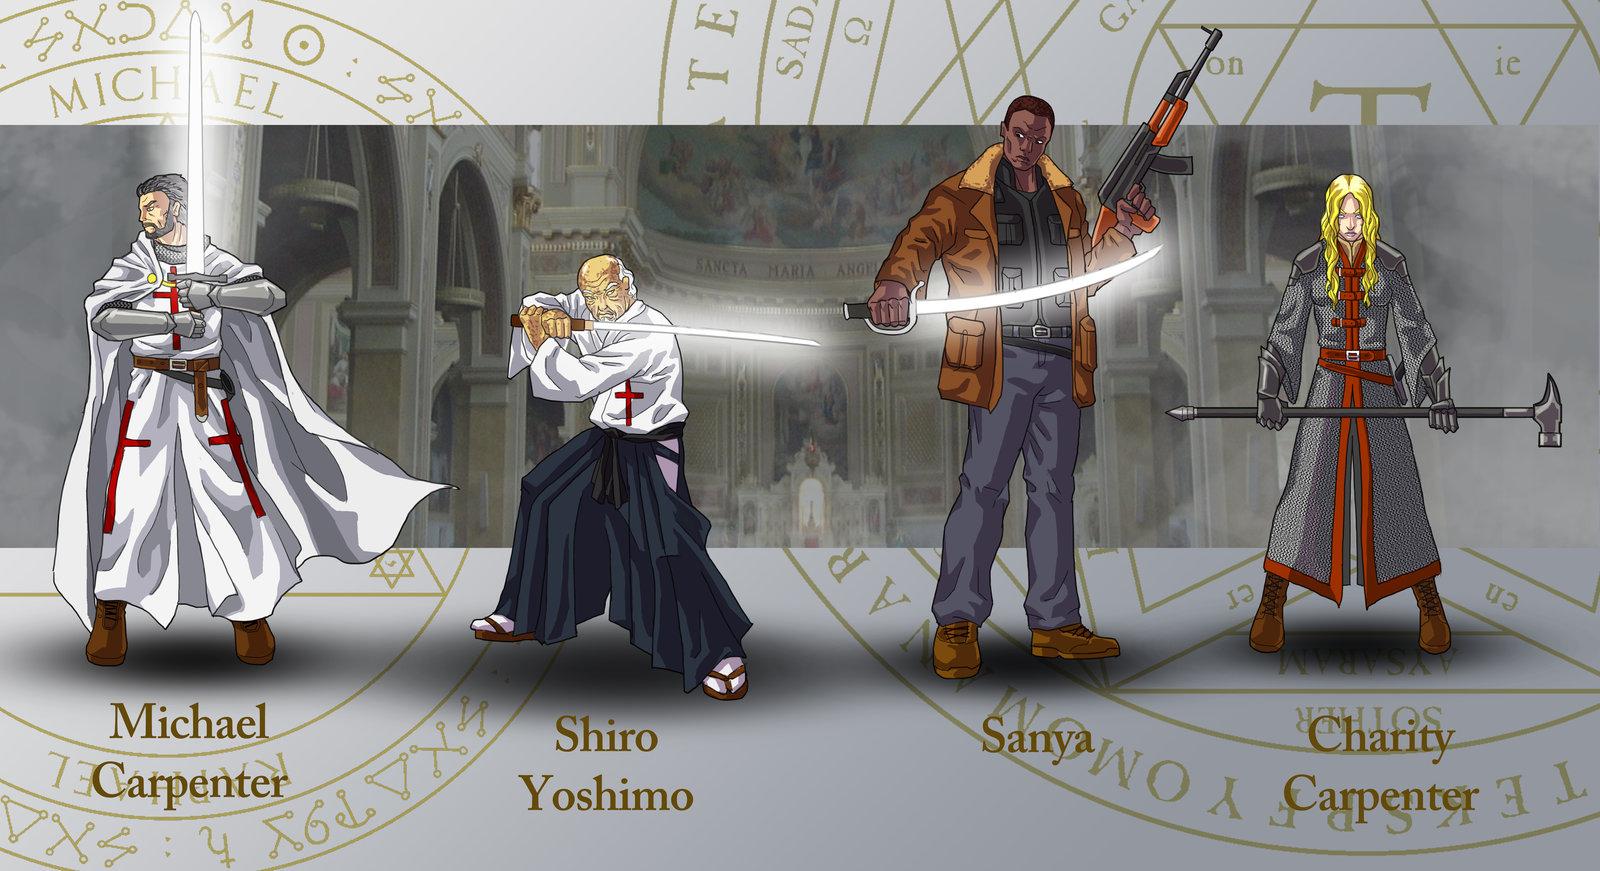 Dresden-Files-characters-by-wildcard-deviantart-com-on-deviantART-wallpaper-wp4605506